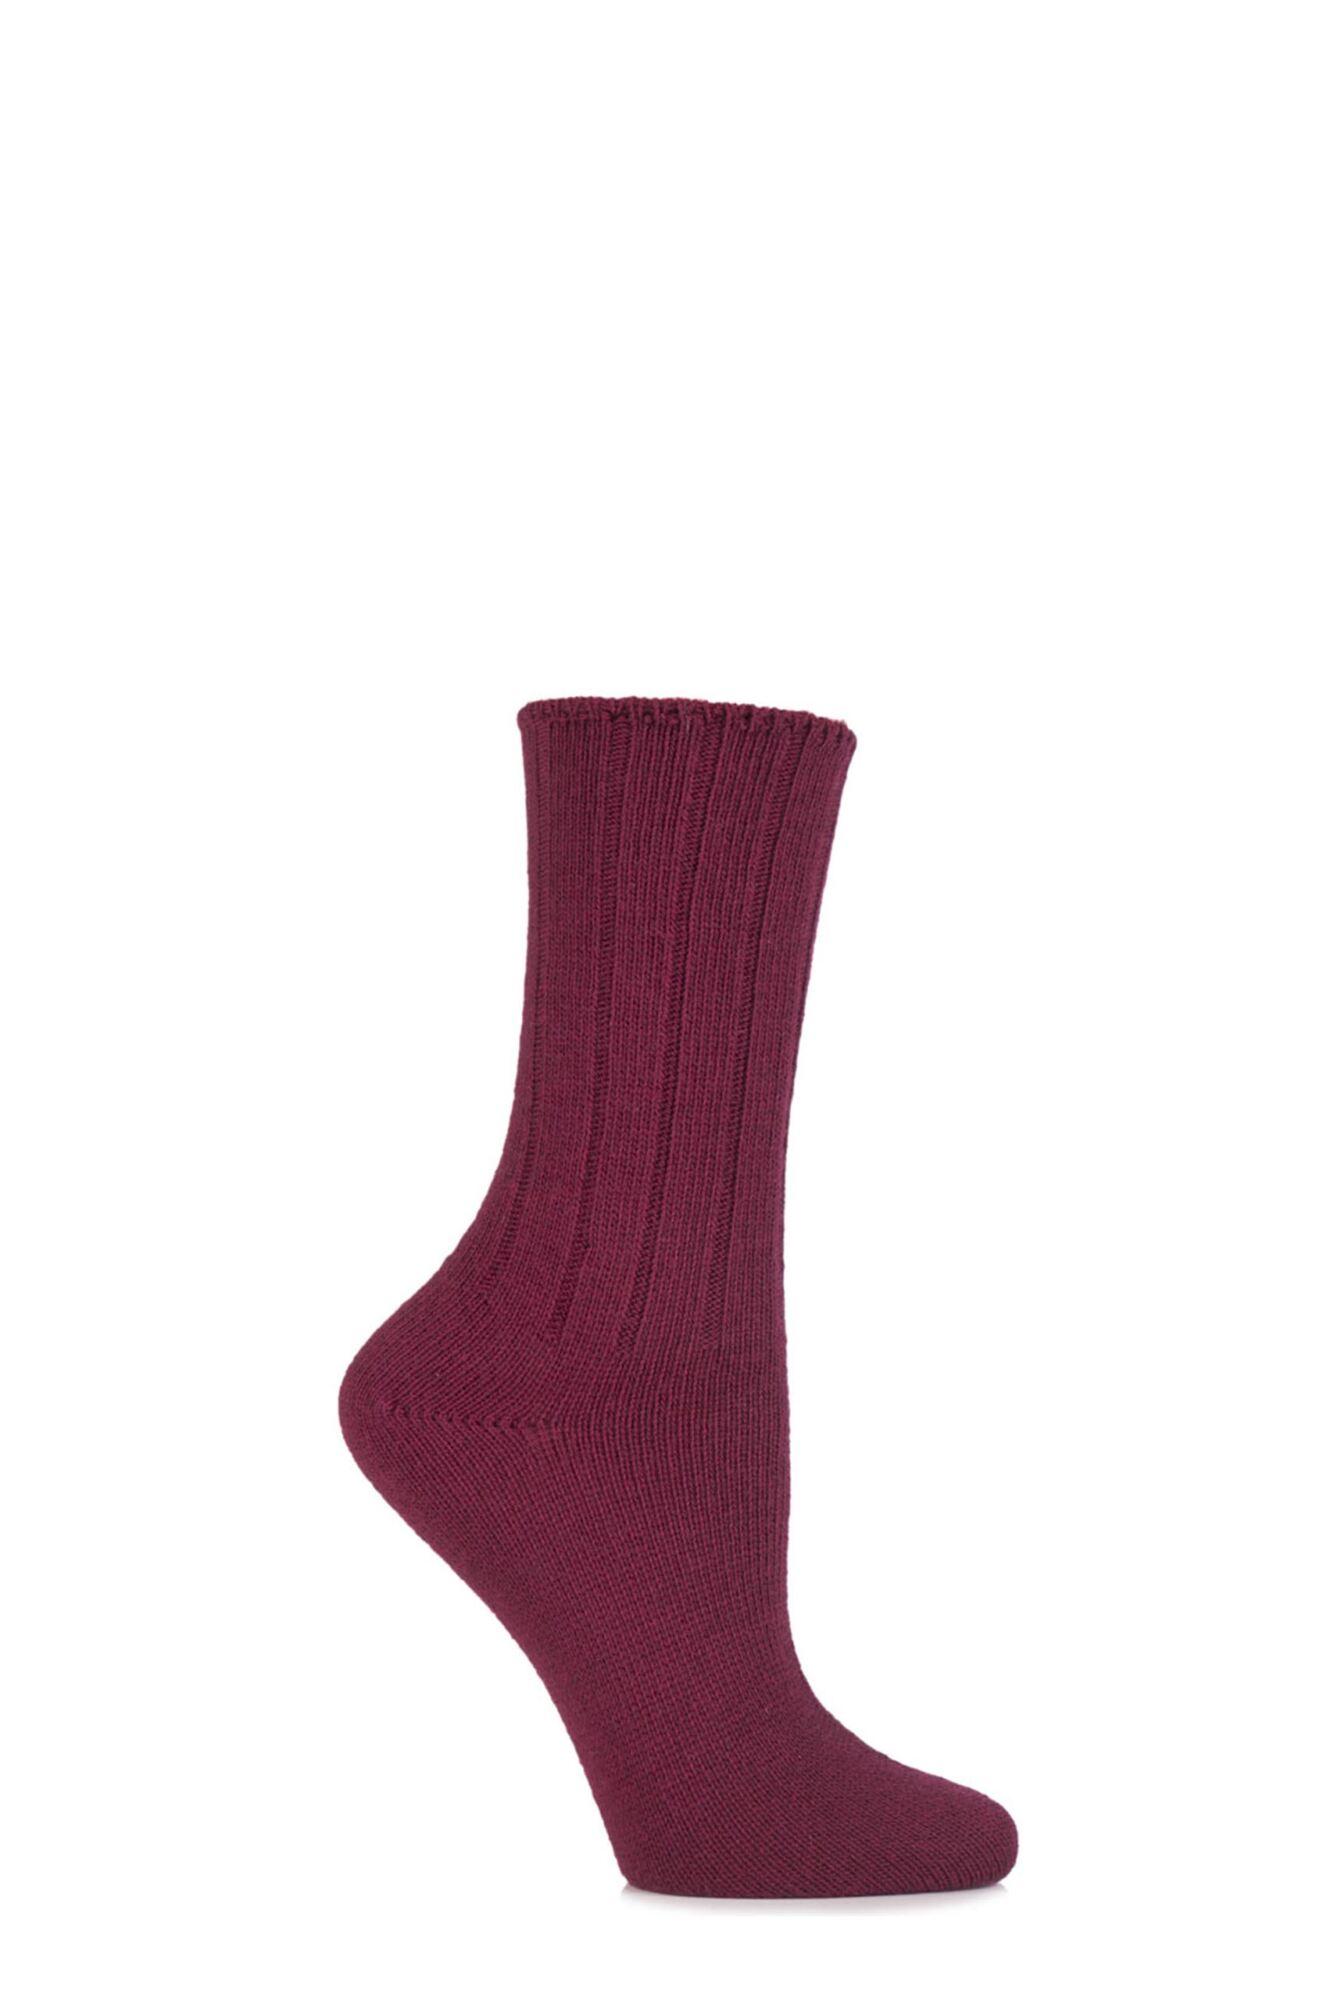 1 Pair Wool and Viscose Ribbed Bed Socks Ladies - Elle